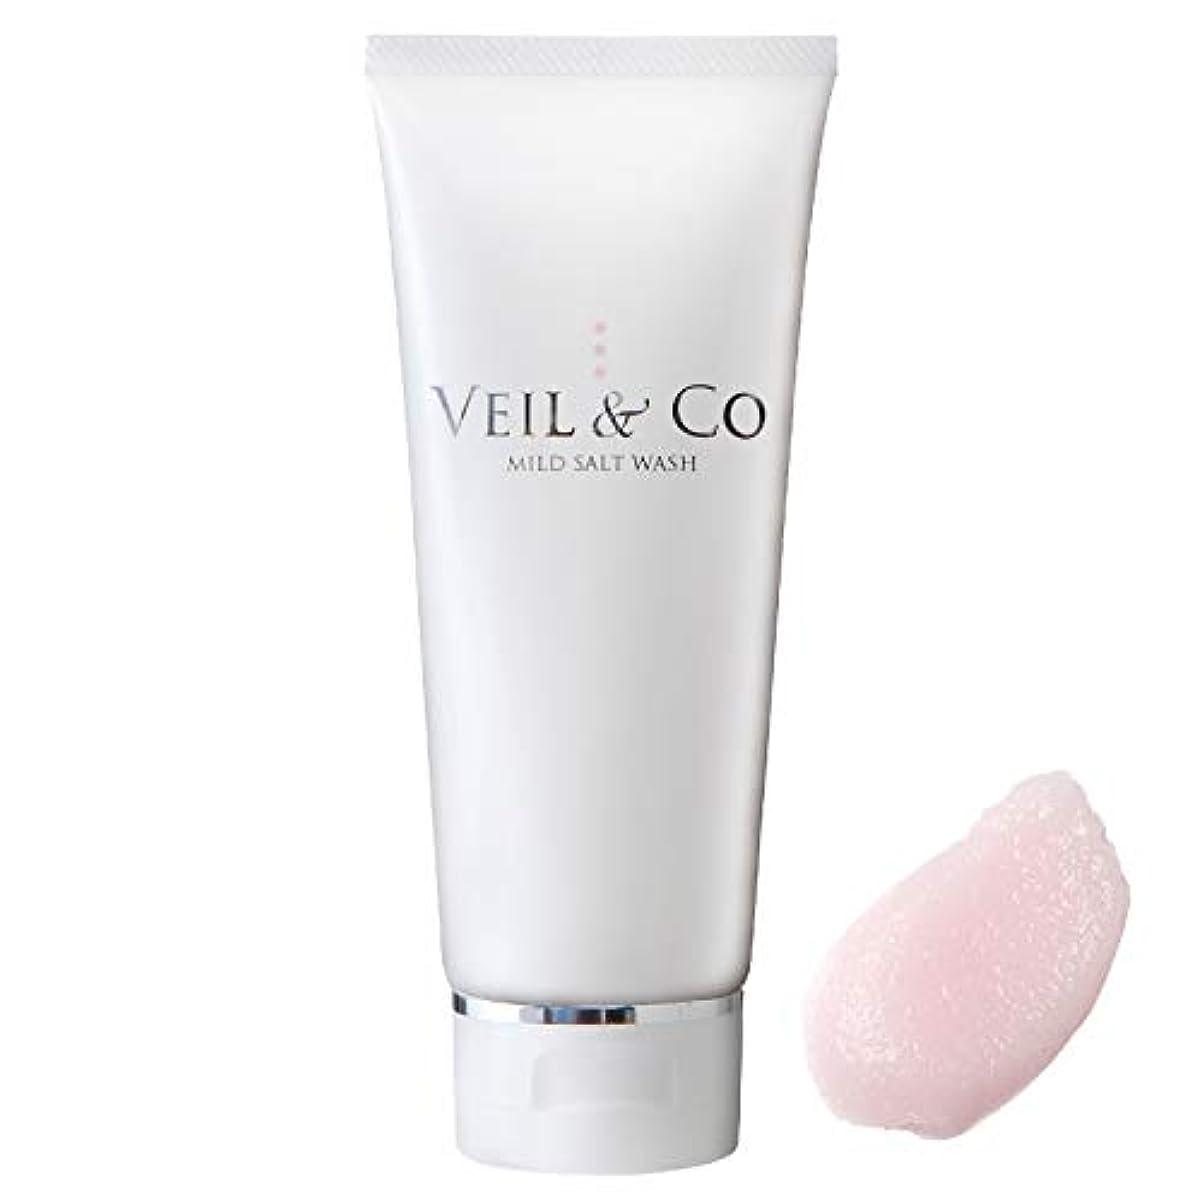 スクラップレーニン主義説明的【VEIL&Co】ベールアンドコー 毛穴専用マイルドソルトウォッシュ(洗顔料) 150g